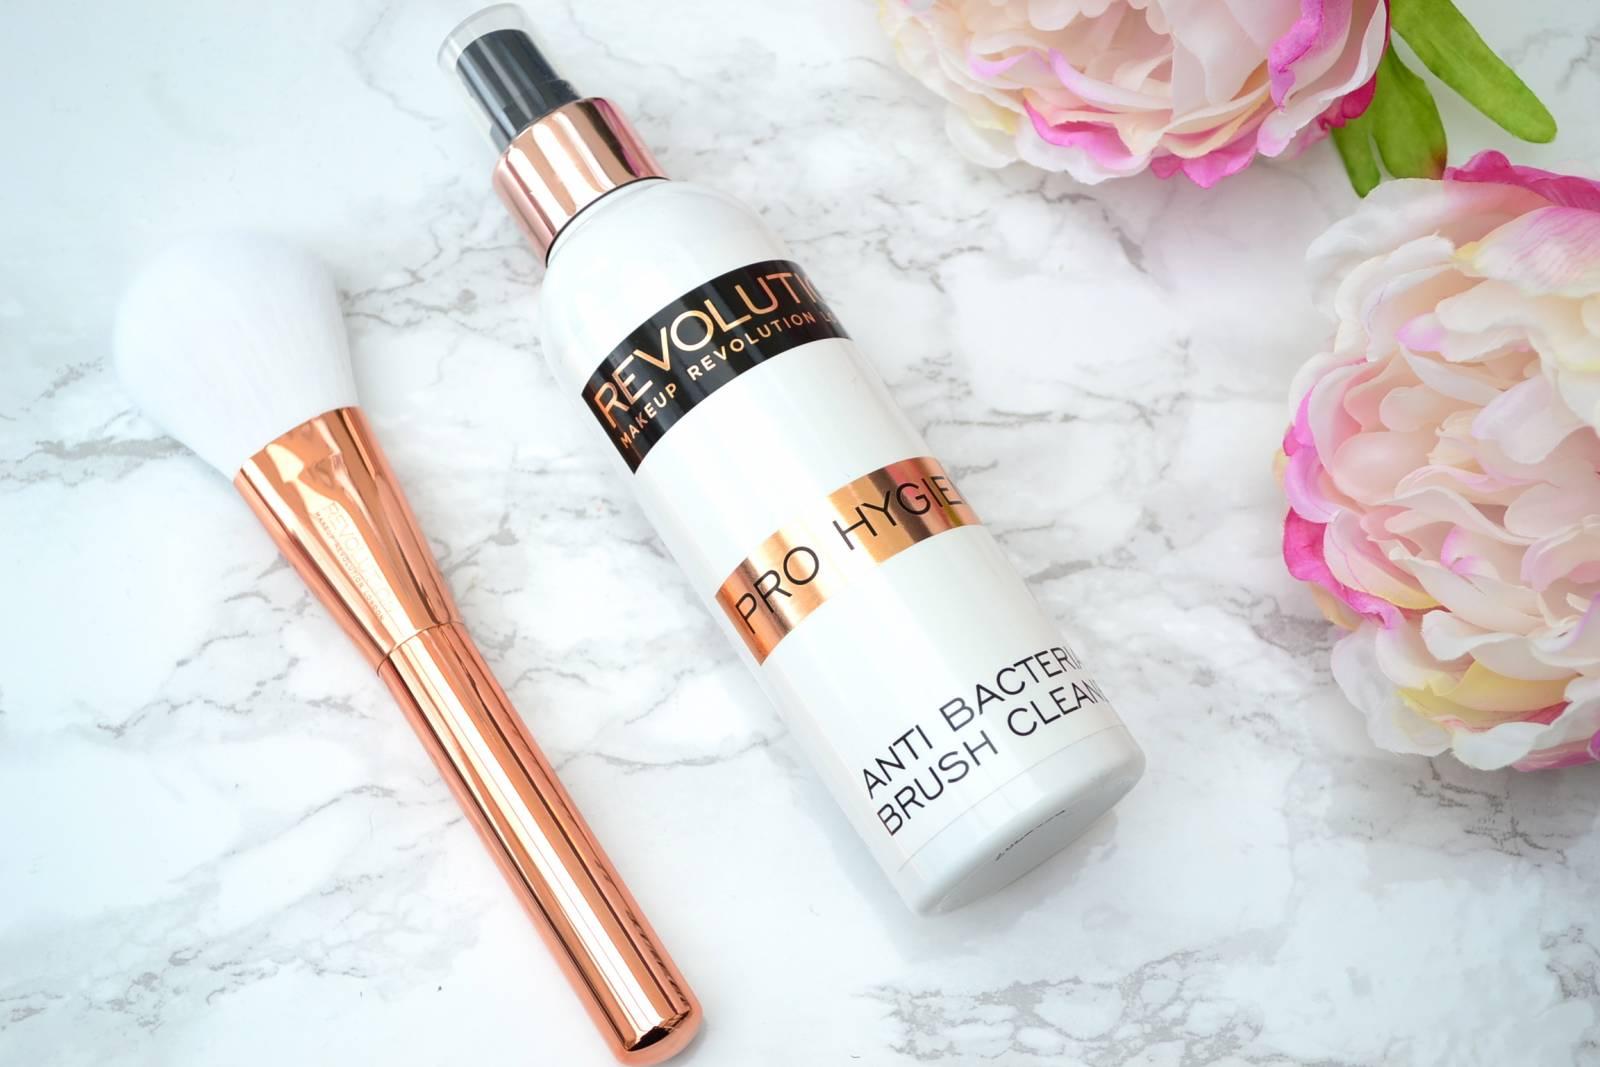 makeup-revolution-anti-bacterial-brush-cleaner